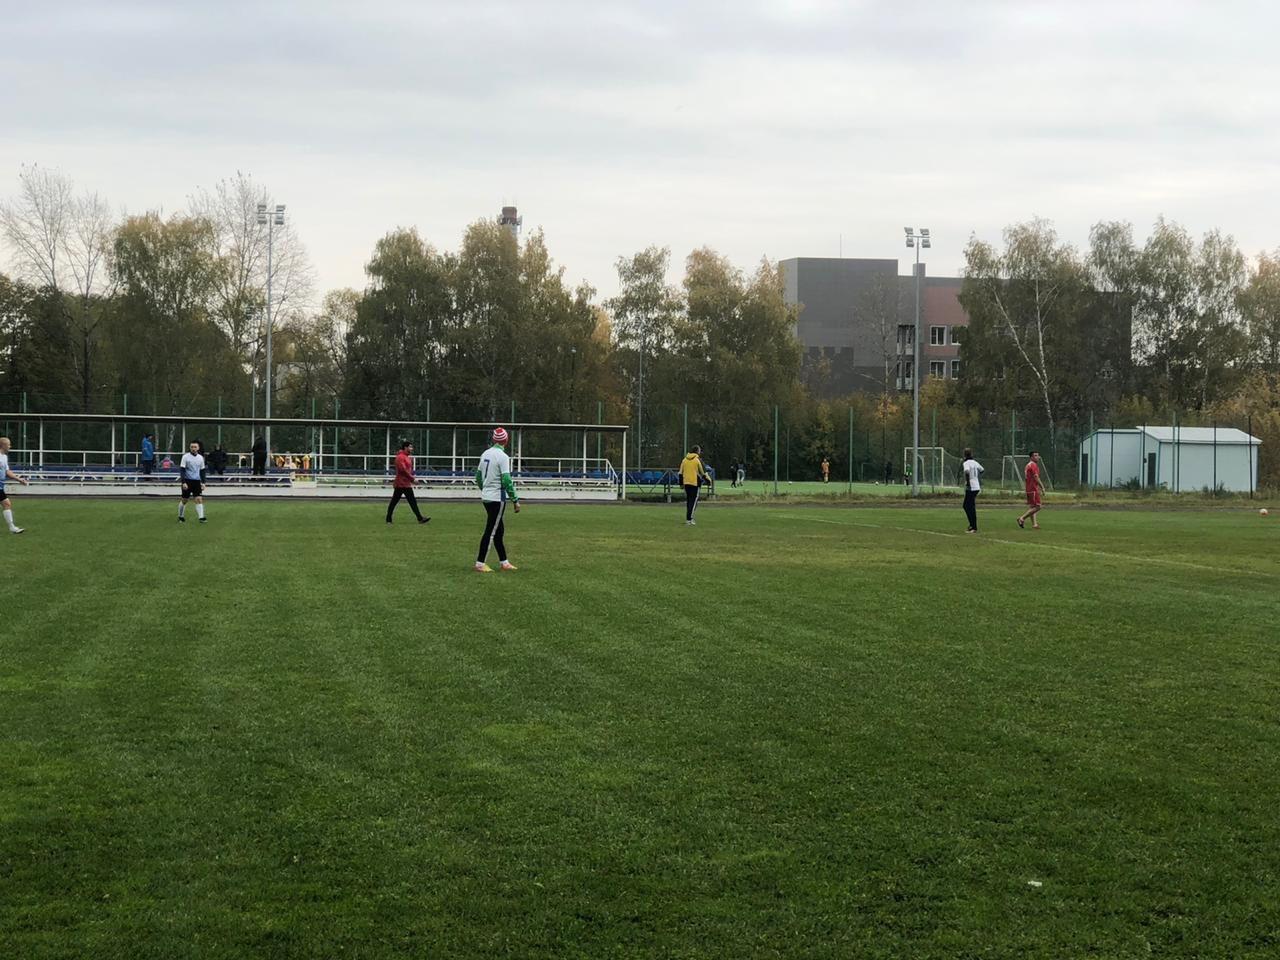 28 и 29 сентября прошли игры 10 тура 2 круга Первенства городского округа Озеры по футболу среди мужских команд.